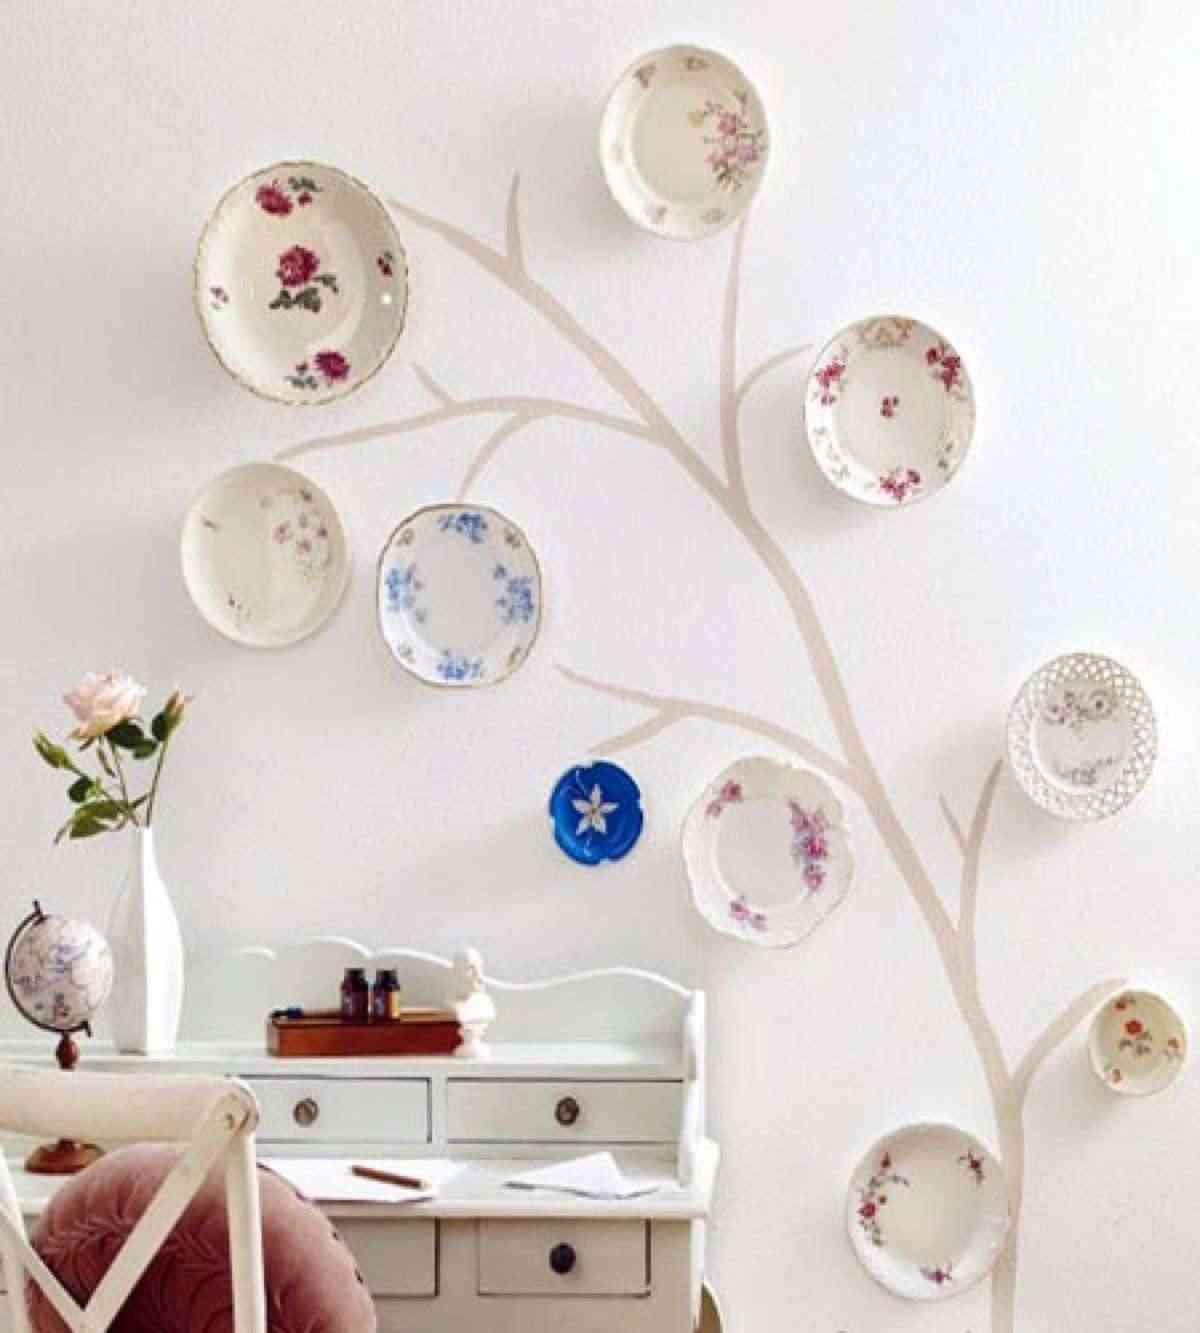 8 ideas para decorar con platos ¡desde la cocina hasta el jardín!